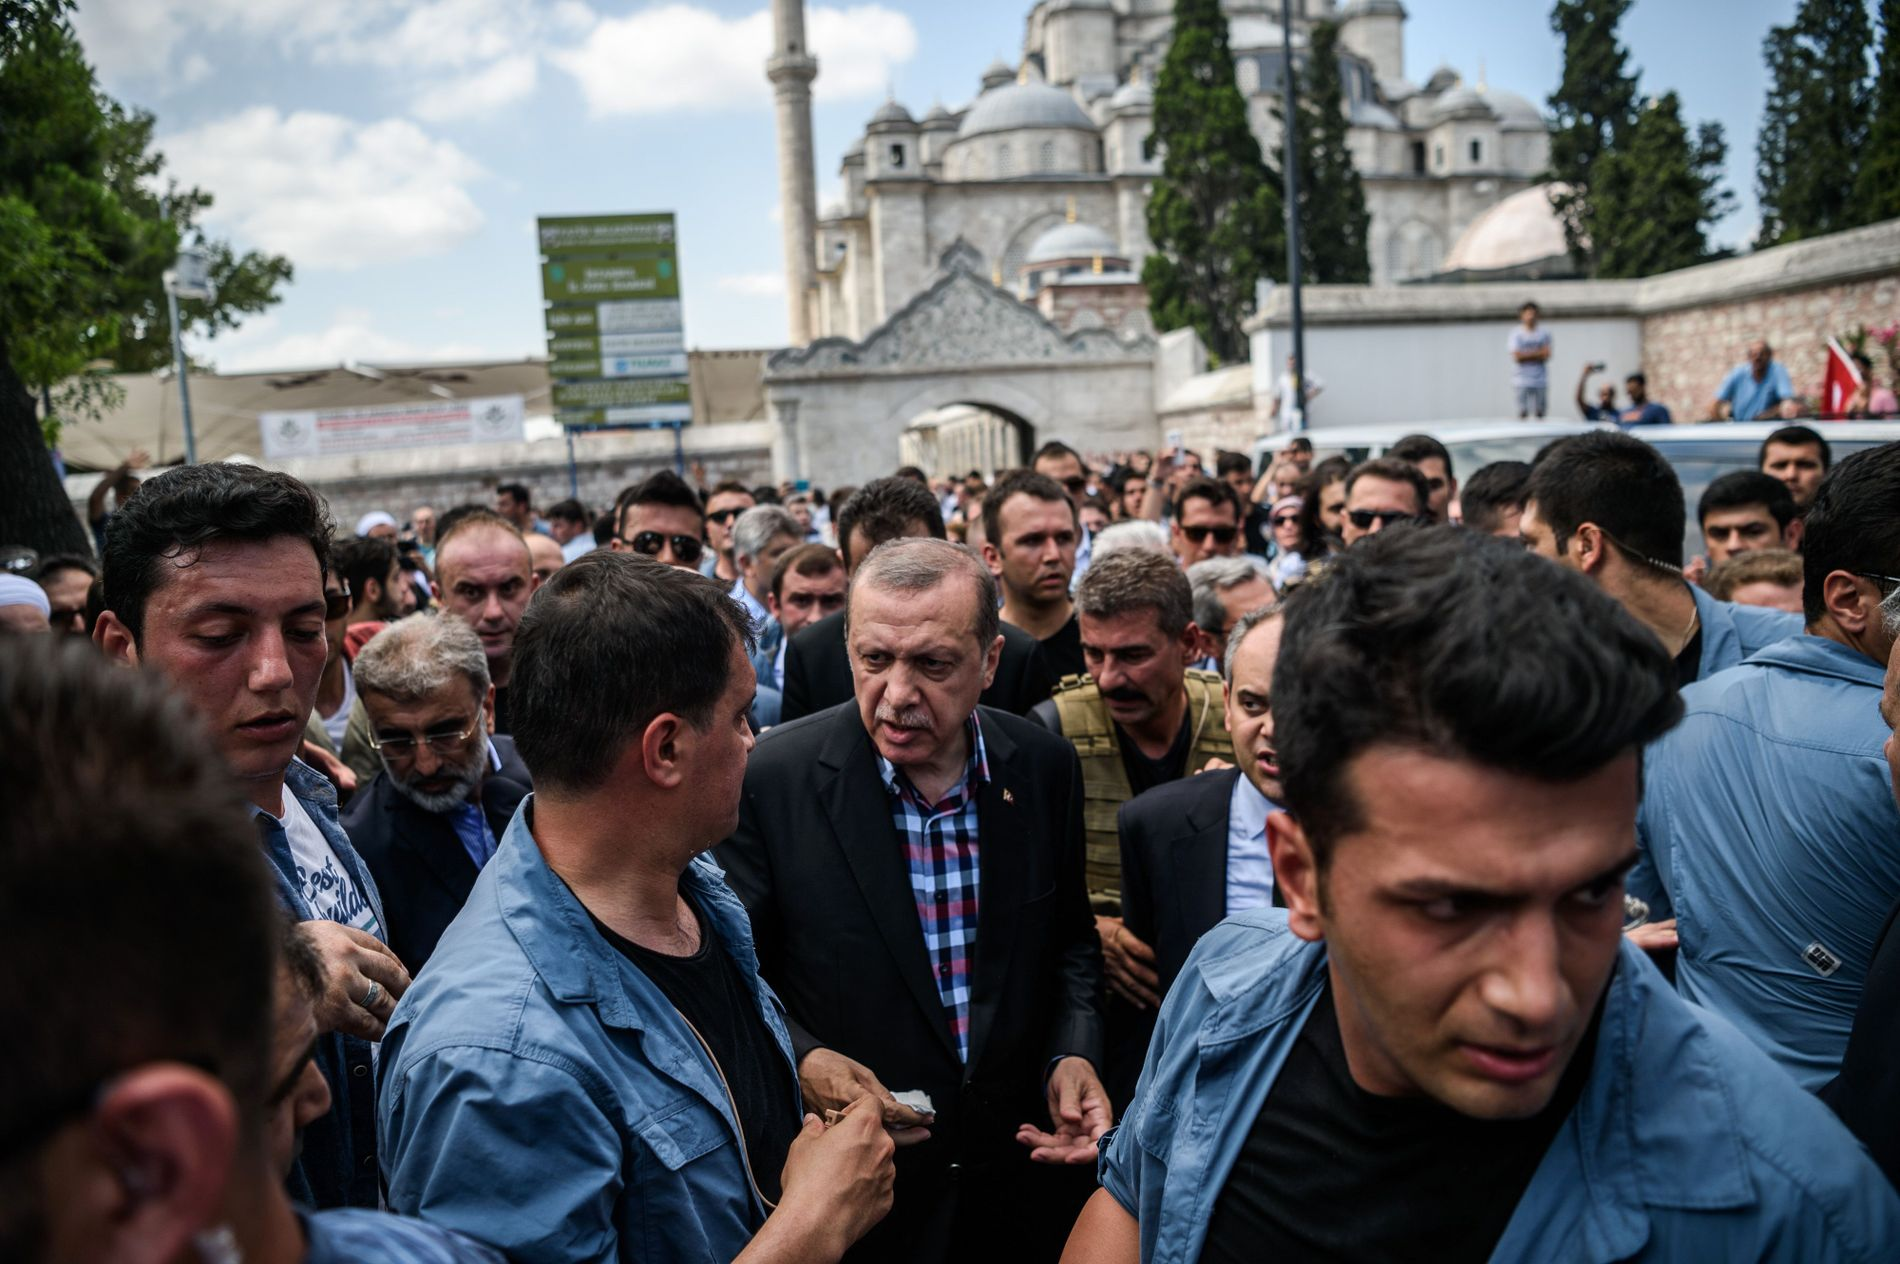 LIVVAKTTJENESTE: Den tyrkiske president Recep Tayyip Erdogan ankommer en begravelse etter kuppforsøket i juli fjor, omringet av sine livvakter.